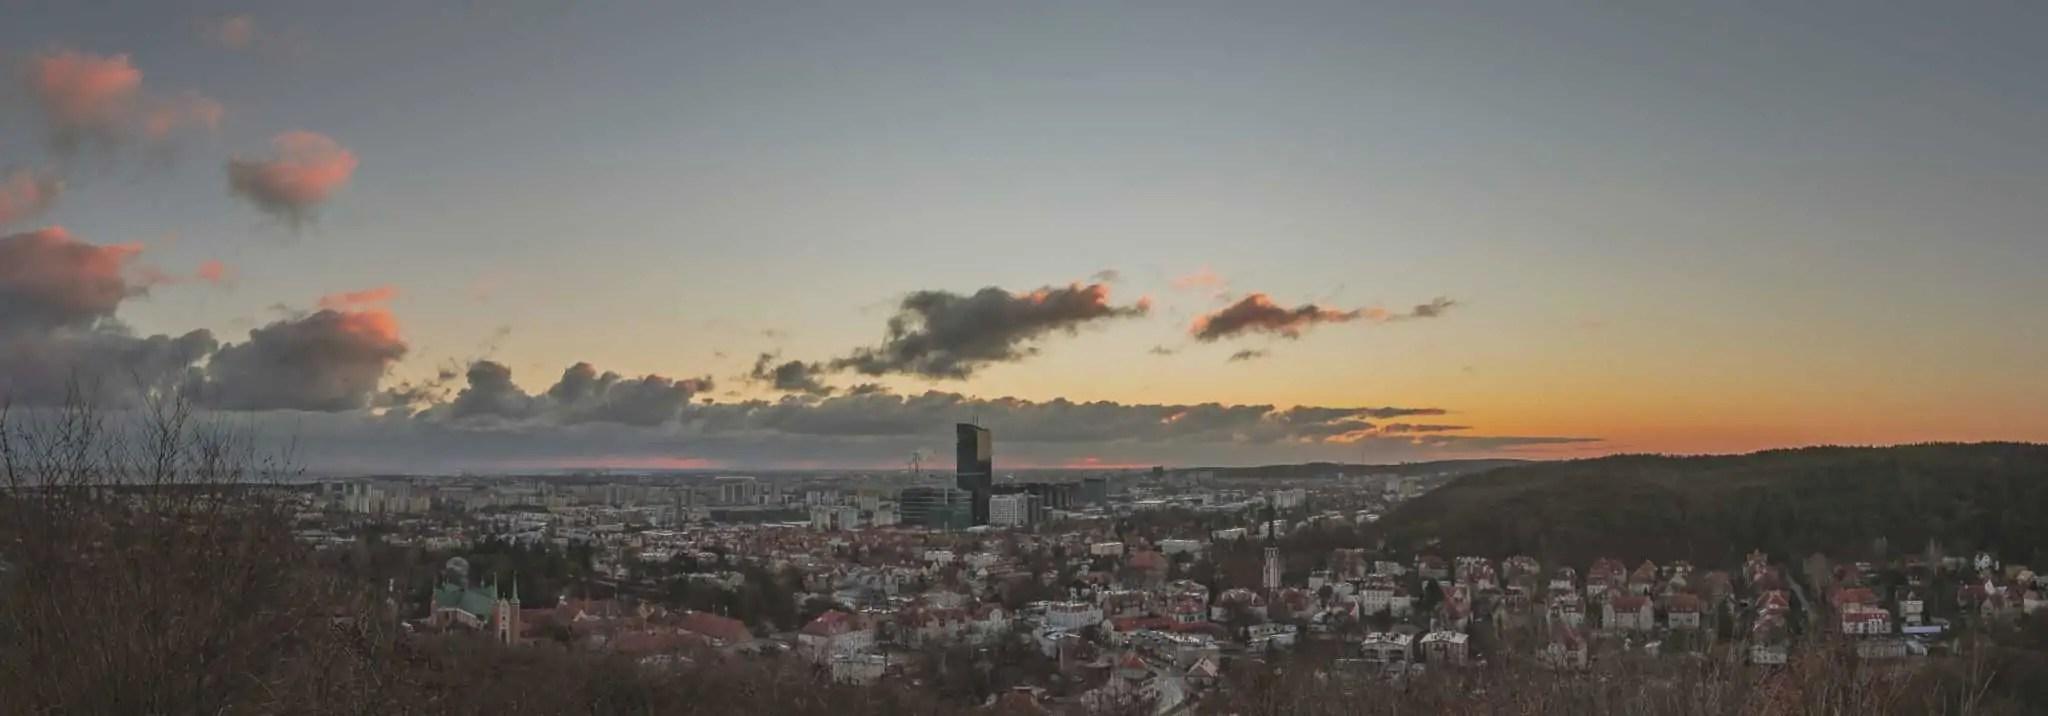 PO dodanie matowego efektu przez zmniejszenie kontrastu panorama Gdańska scaled - Emocje w fotografii czyli 12 sposobów na emocjonujące zdjęcia !